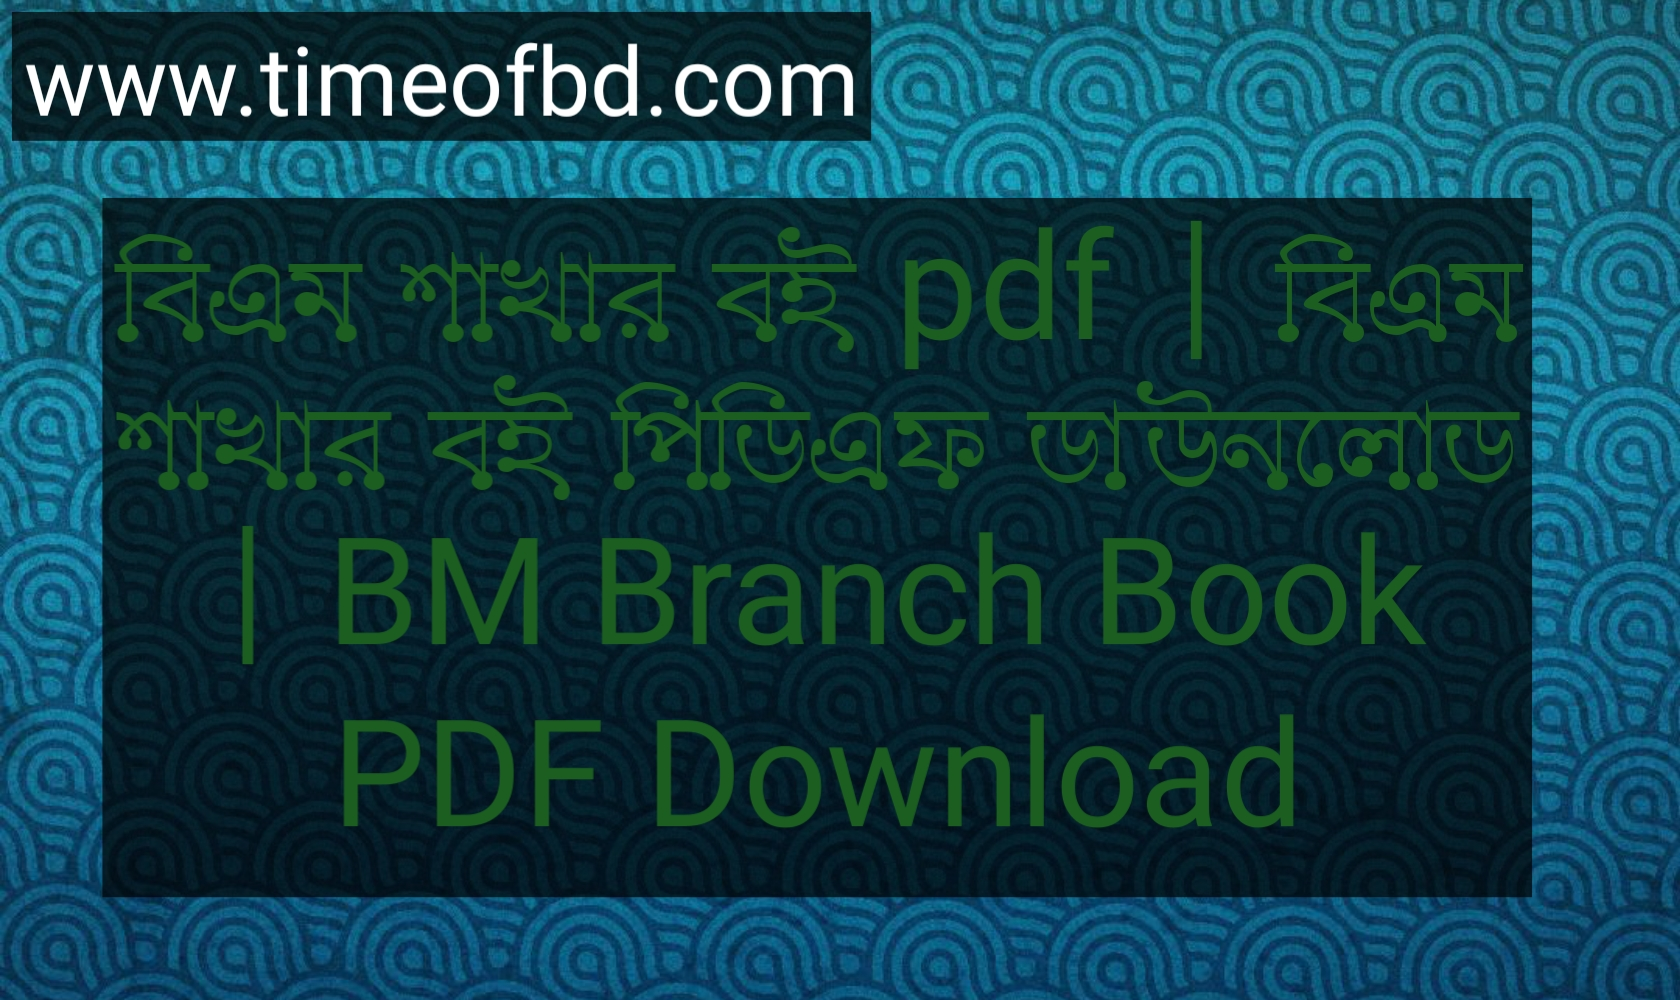 বিএম শাখার বই pdf, বিএম শাখার বই পিডিএফ ডাউনলোড, বিএম শাখার বই পিডিএফ, বিএম শাখার বই pdf download,